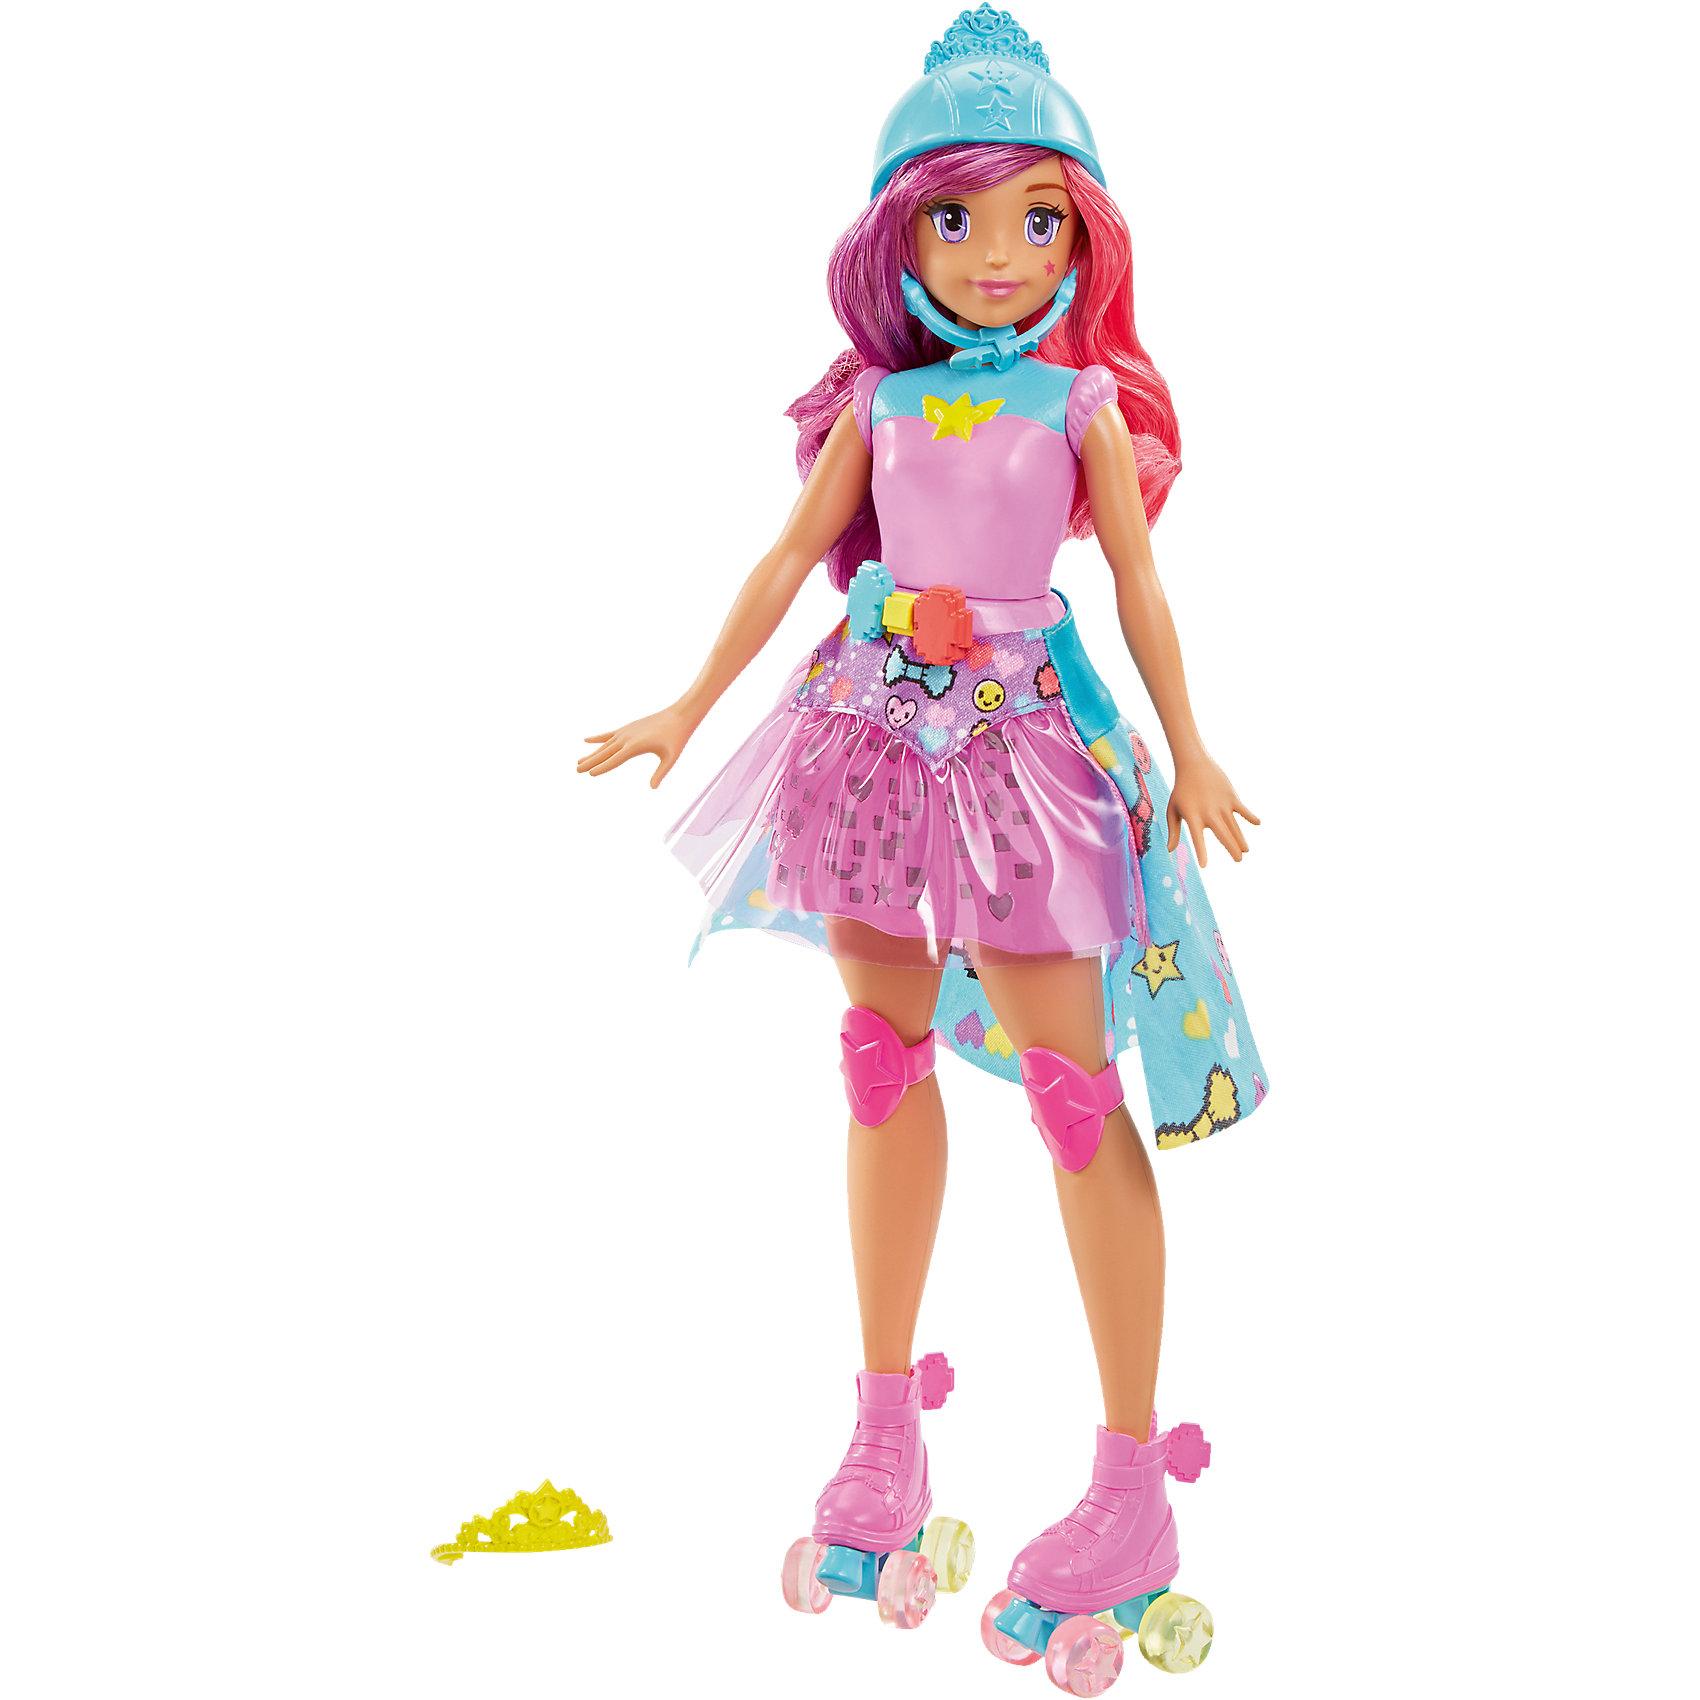 Кукла «Повтори цвета» из серии «Barbie и виртуальный мир»Популярные игрушки<br>Кукла «Повтори цвета» из серии «Barbie и виртуальный мир», (Барби)<br><br>Характеристики:<br><br>• юбка куклы светится тремя цветами<br>• 5 уровней сложности игры<br>• светящиеся ролики<br>• в комплекте: кукла, аксессуары<br>• материал: пластик, текстиль<br>• размер упаковки: 33х22х6 см<br>• вес: 345 грамм<br><br>Кукла Повтори цвета из серии «Barbie и виртуальный мир» - настоящий подарок для любительниц ярких игрушек. Юбка Барби светится несколькими огоньками, предлагая повторить последовательность с помощью кнопочек. Всего есть 5 встроенных уровней игры. Помимо светящейся юбки, Барби одета в яркие ролики, которые также светятся при движении. Кукла одета в розовое трико и наколенники; голова украшена защитным шлемом, который можно заменить прекрасной тиарой. С этой куклой девочка сможет придумать самую интересную и волшебную игру, дарящую море положительных эмоций!<br><br>Куклу «Повтори цвета» из серии «Barbie и виртуальный мир», (Барби) вы можете купить в нашем интернет-магазине.<br><br>Ширина мм: 326<br>Глубина мм: 226<br>Высота мм: 63<br>Вес г: 349<br>Возраст от месяцев: 36<br>Возраст до месяцев: 72<br>Пол: Женский<br>Возраст: Детский<br>SKU: 5089096